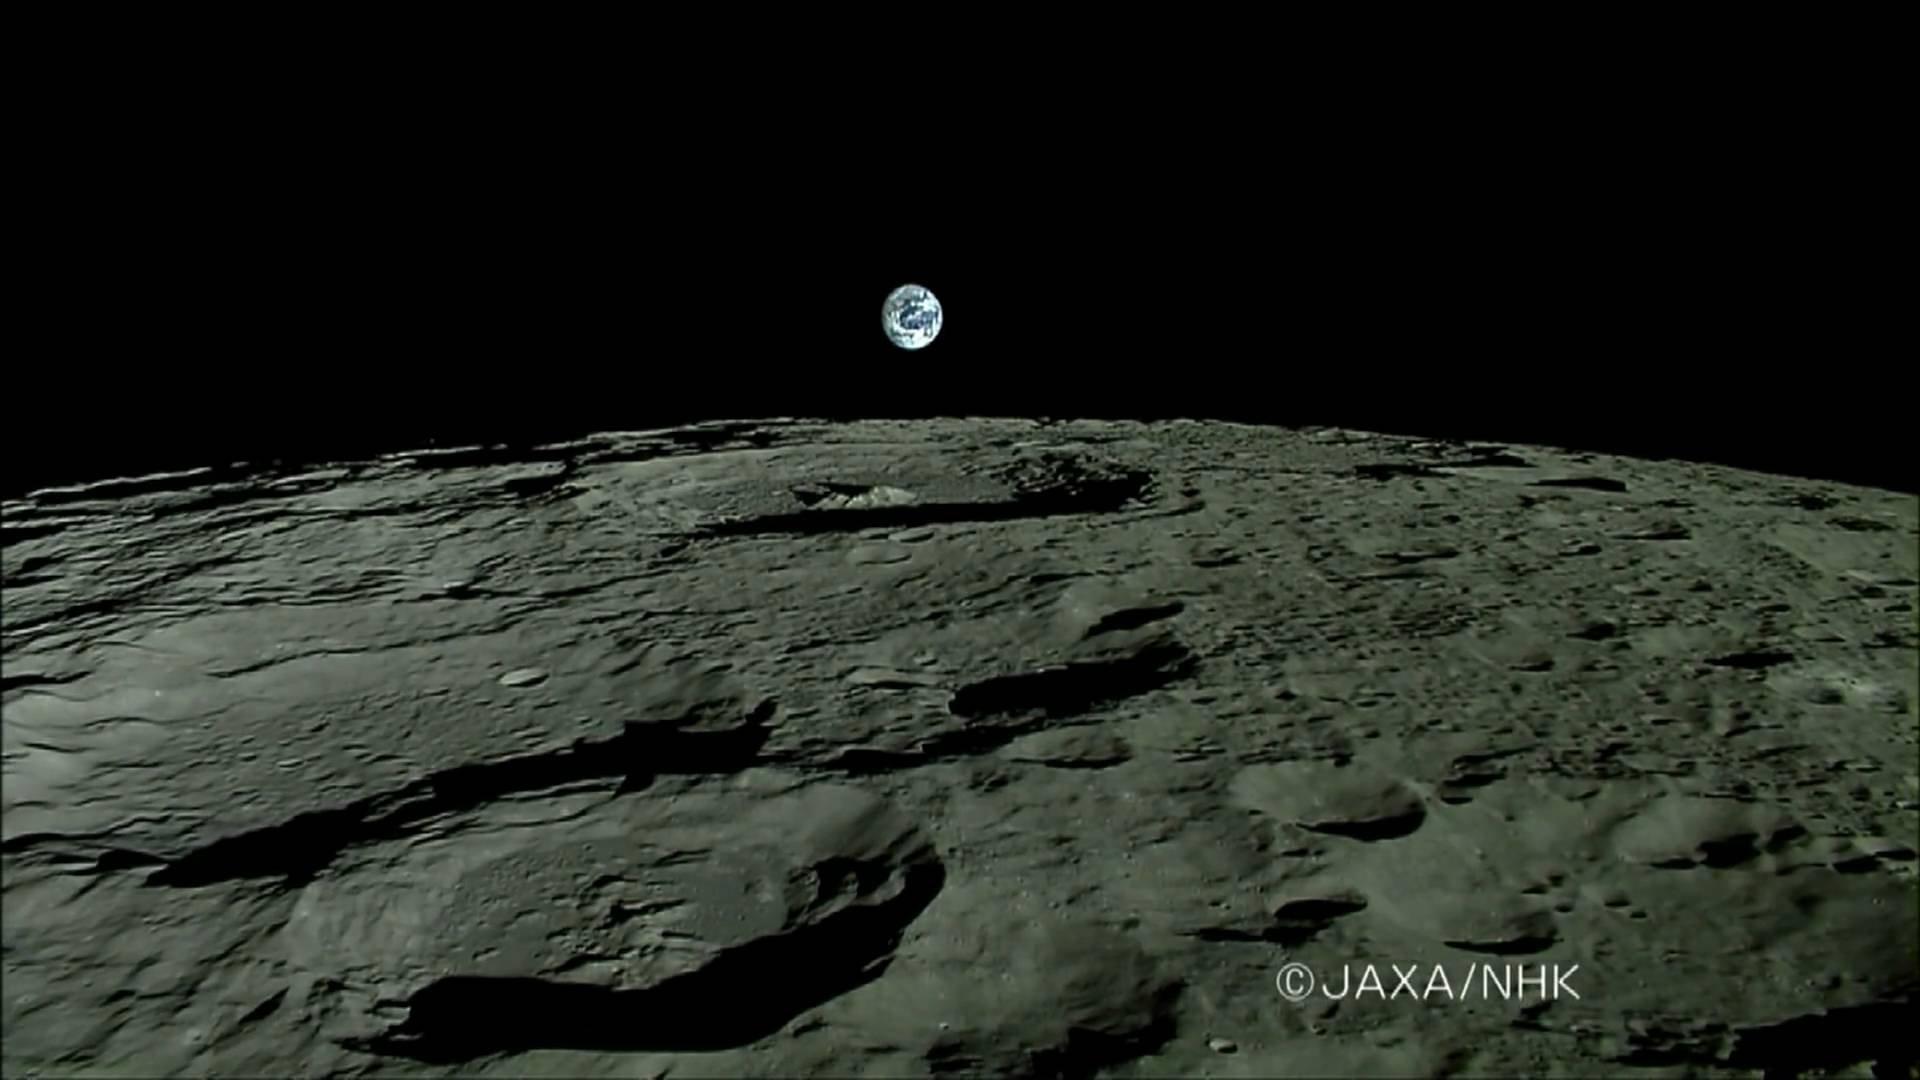 かぐや 月画像에 대한 이미지 검색결과